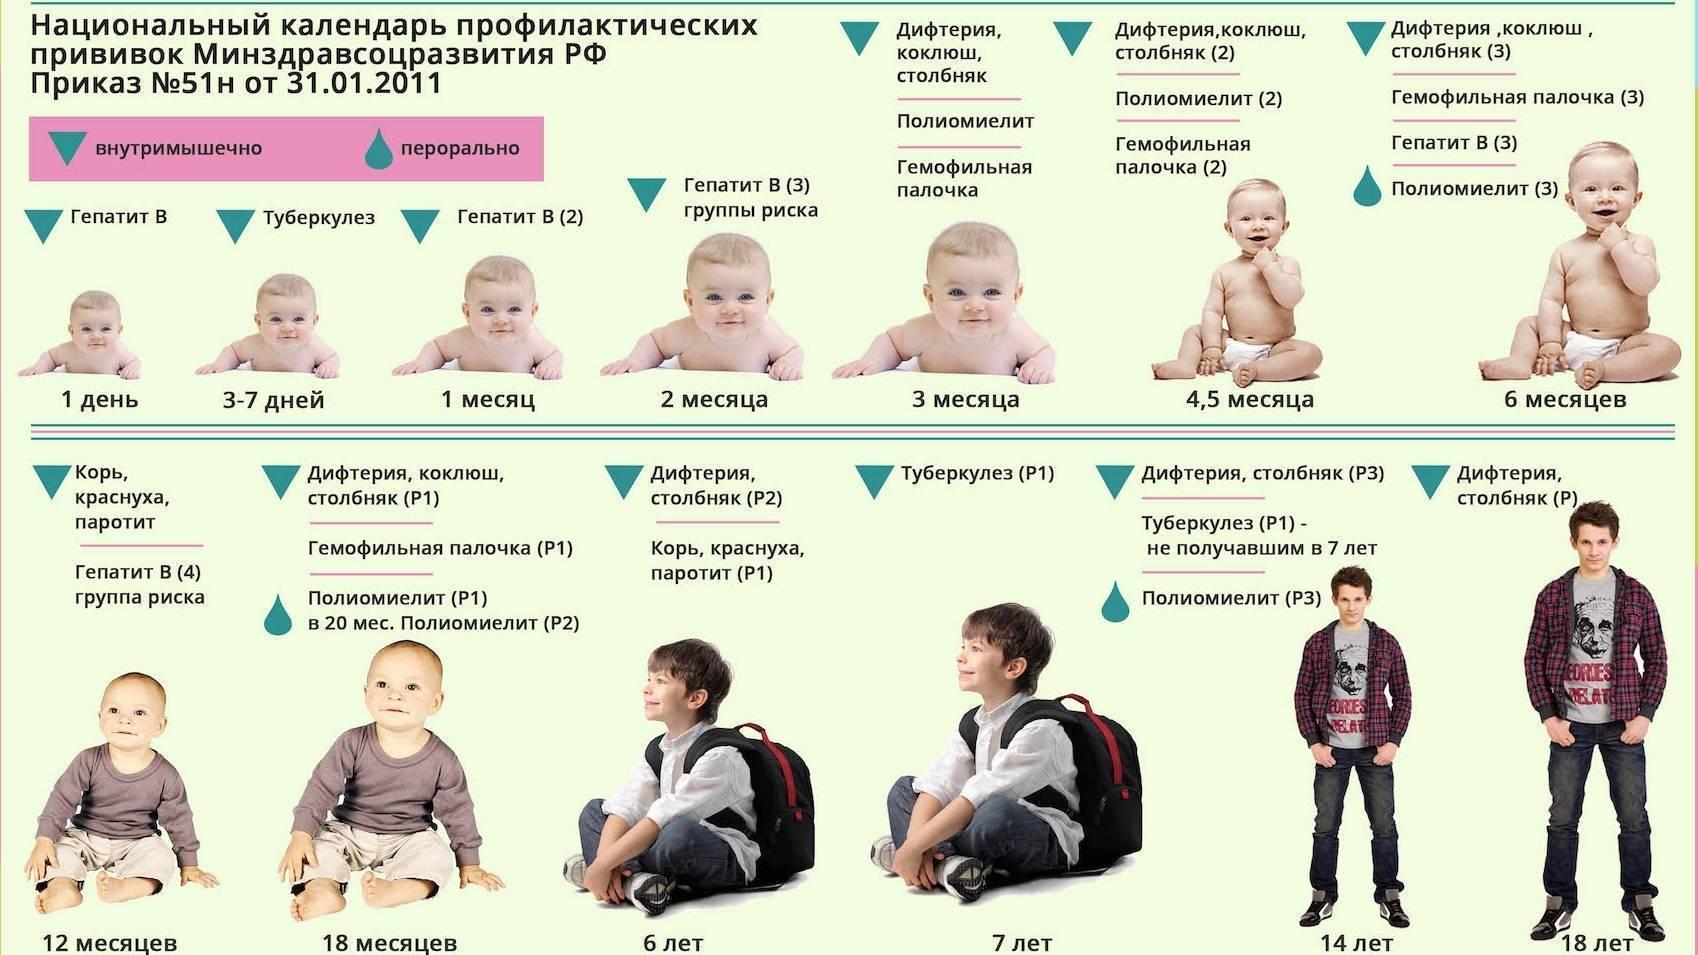 Можно ли делать прививку при насморке ребенку и через сколько после орви можно проводить вакцинацию